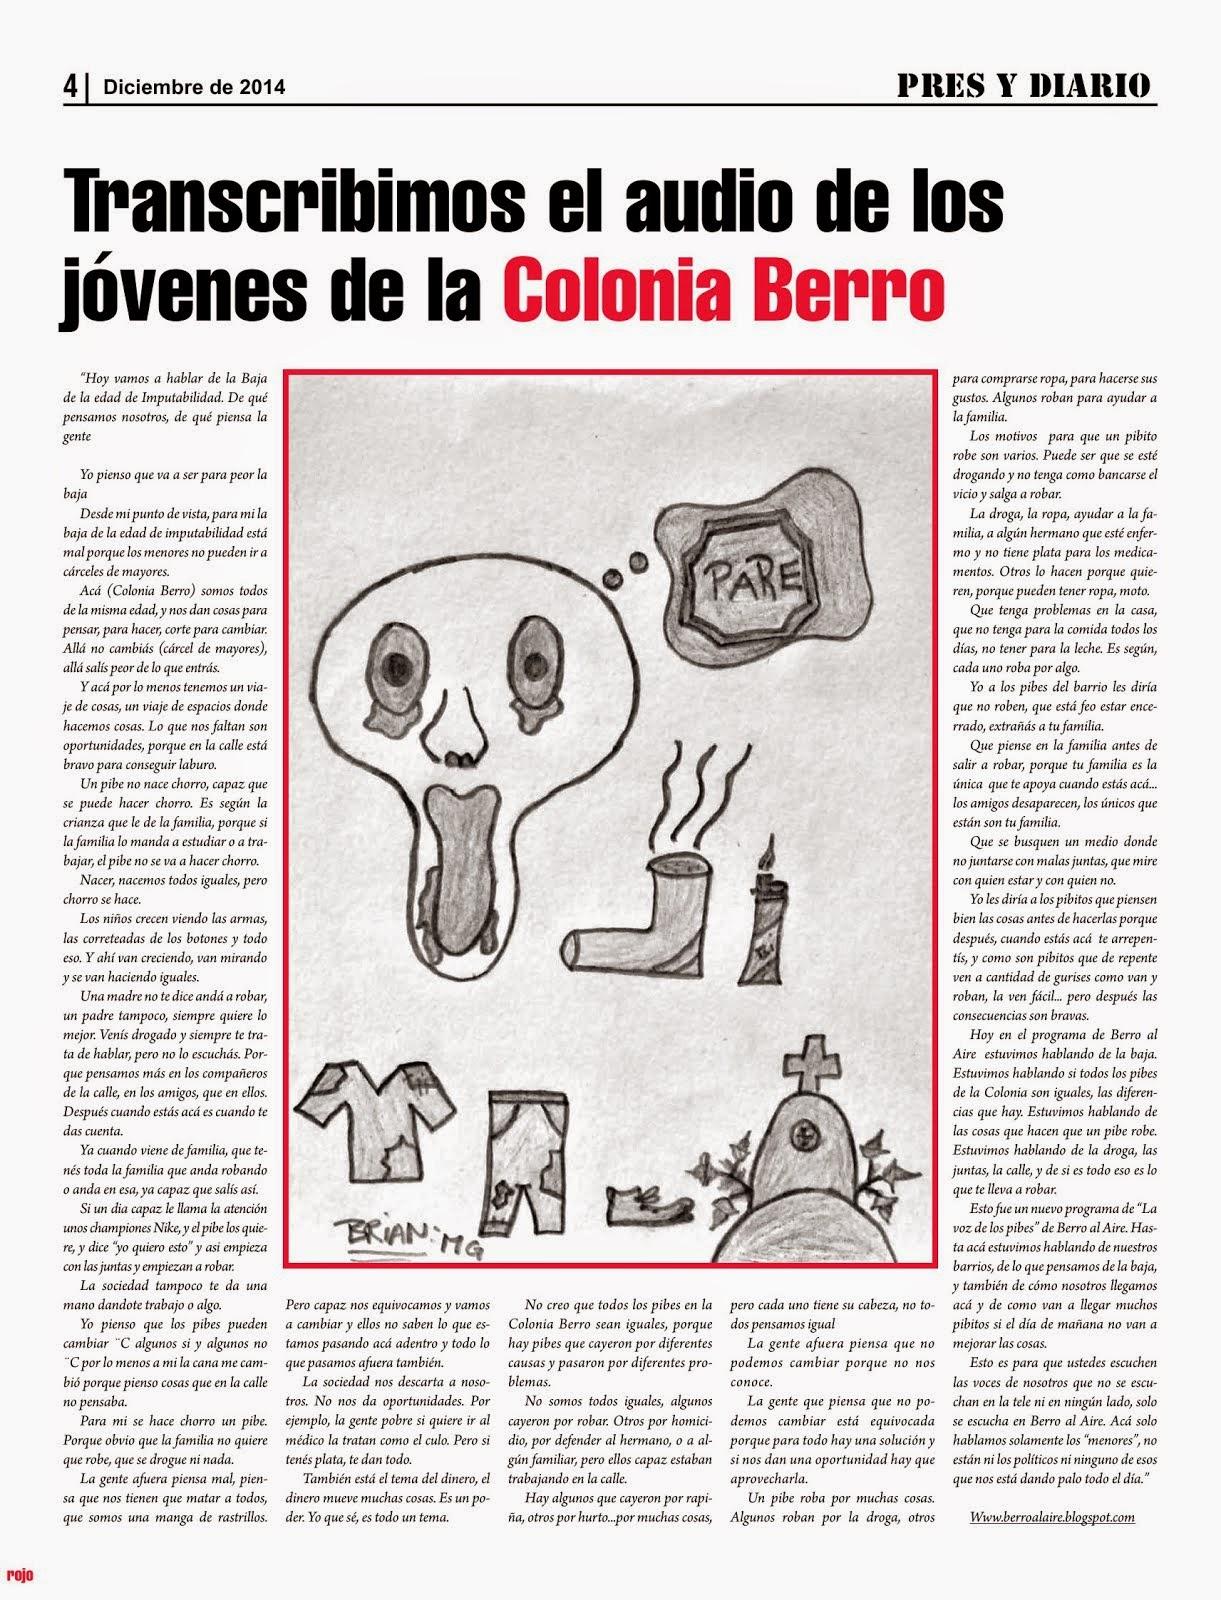 """EN EL DIARIO PRES Y DIARIO TRANSCRIBEN UN AUDIO DE """"BERRO AL AIRE"""""""